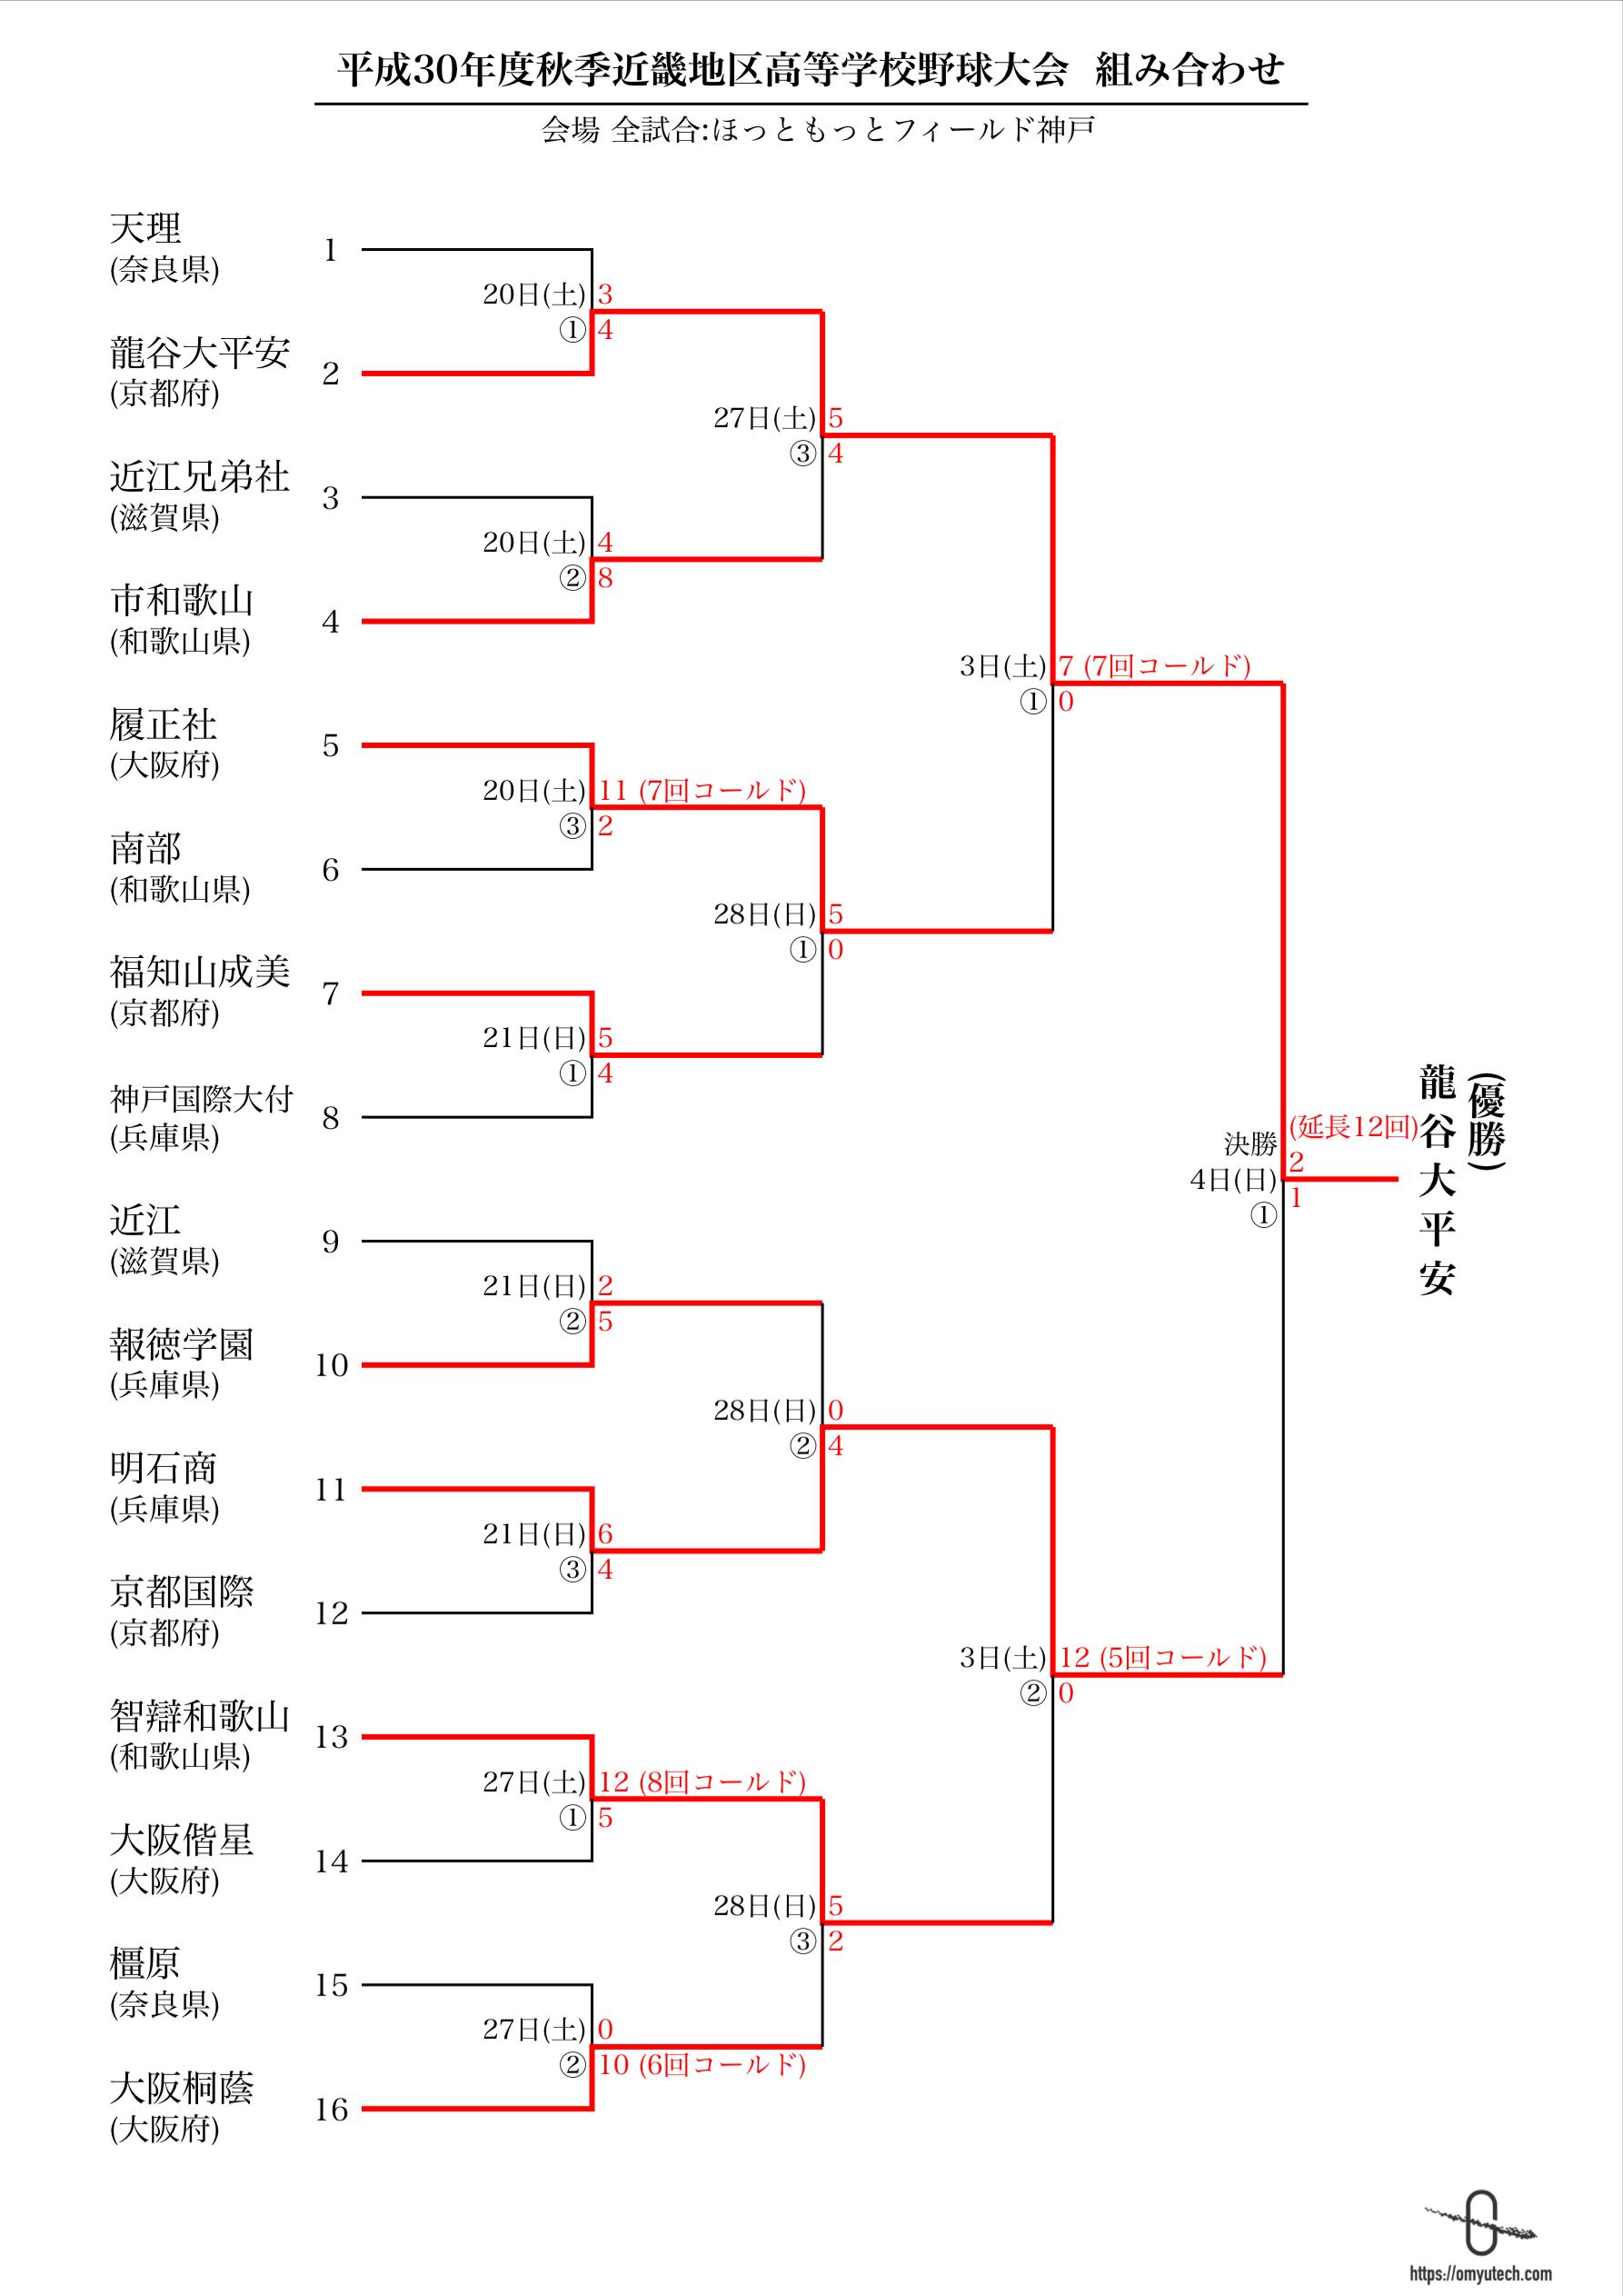 https://baseball.omyutech.com/webdata/cup20180008536/Tournament_20180008536.png